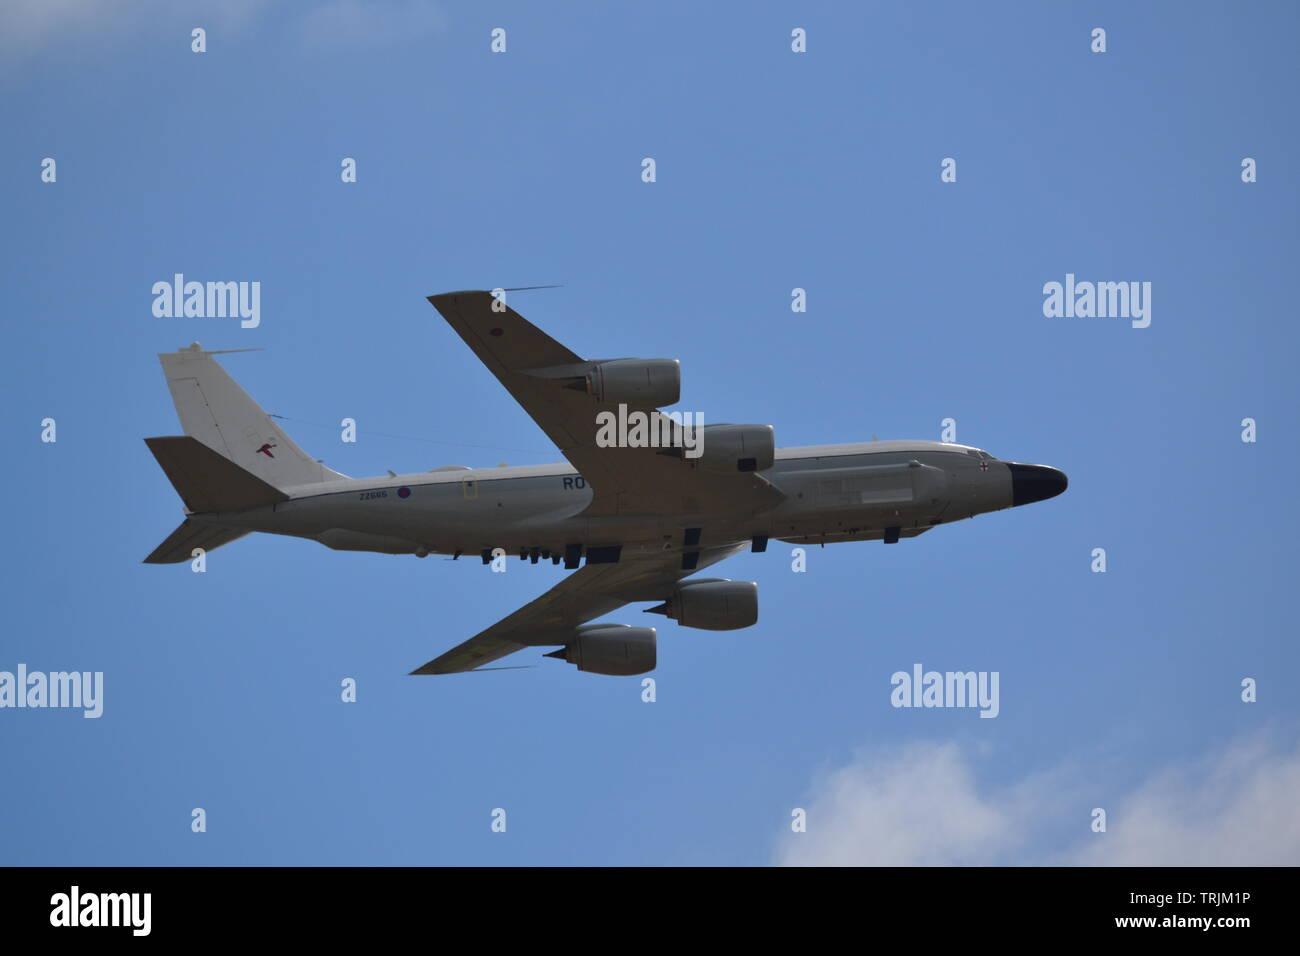 RC-235 W-Nietverbindung-RAF 100-militärischen Flypast - Juli 2018 Stockbild